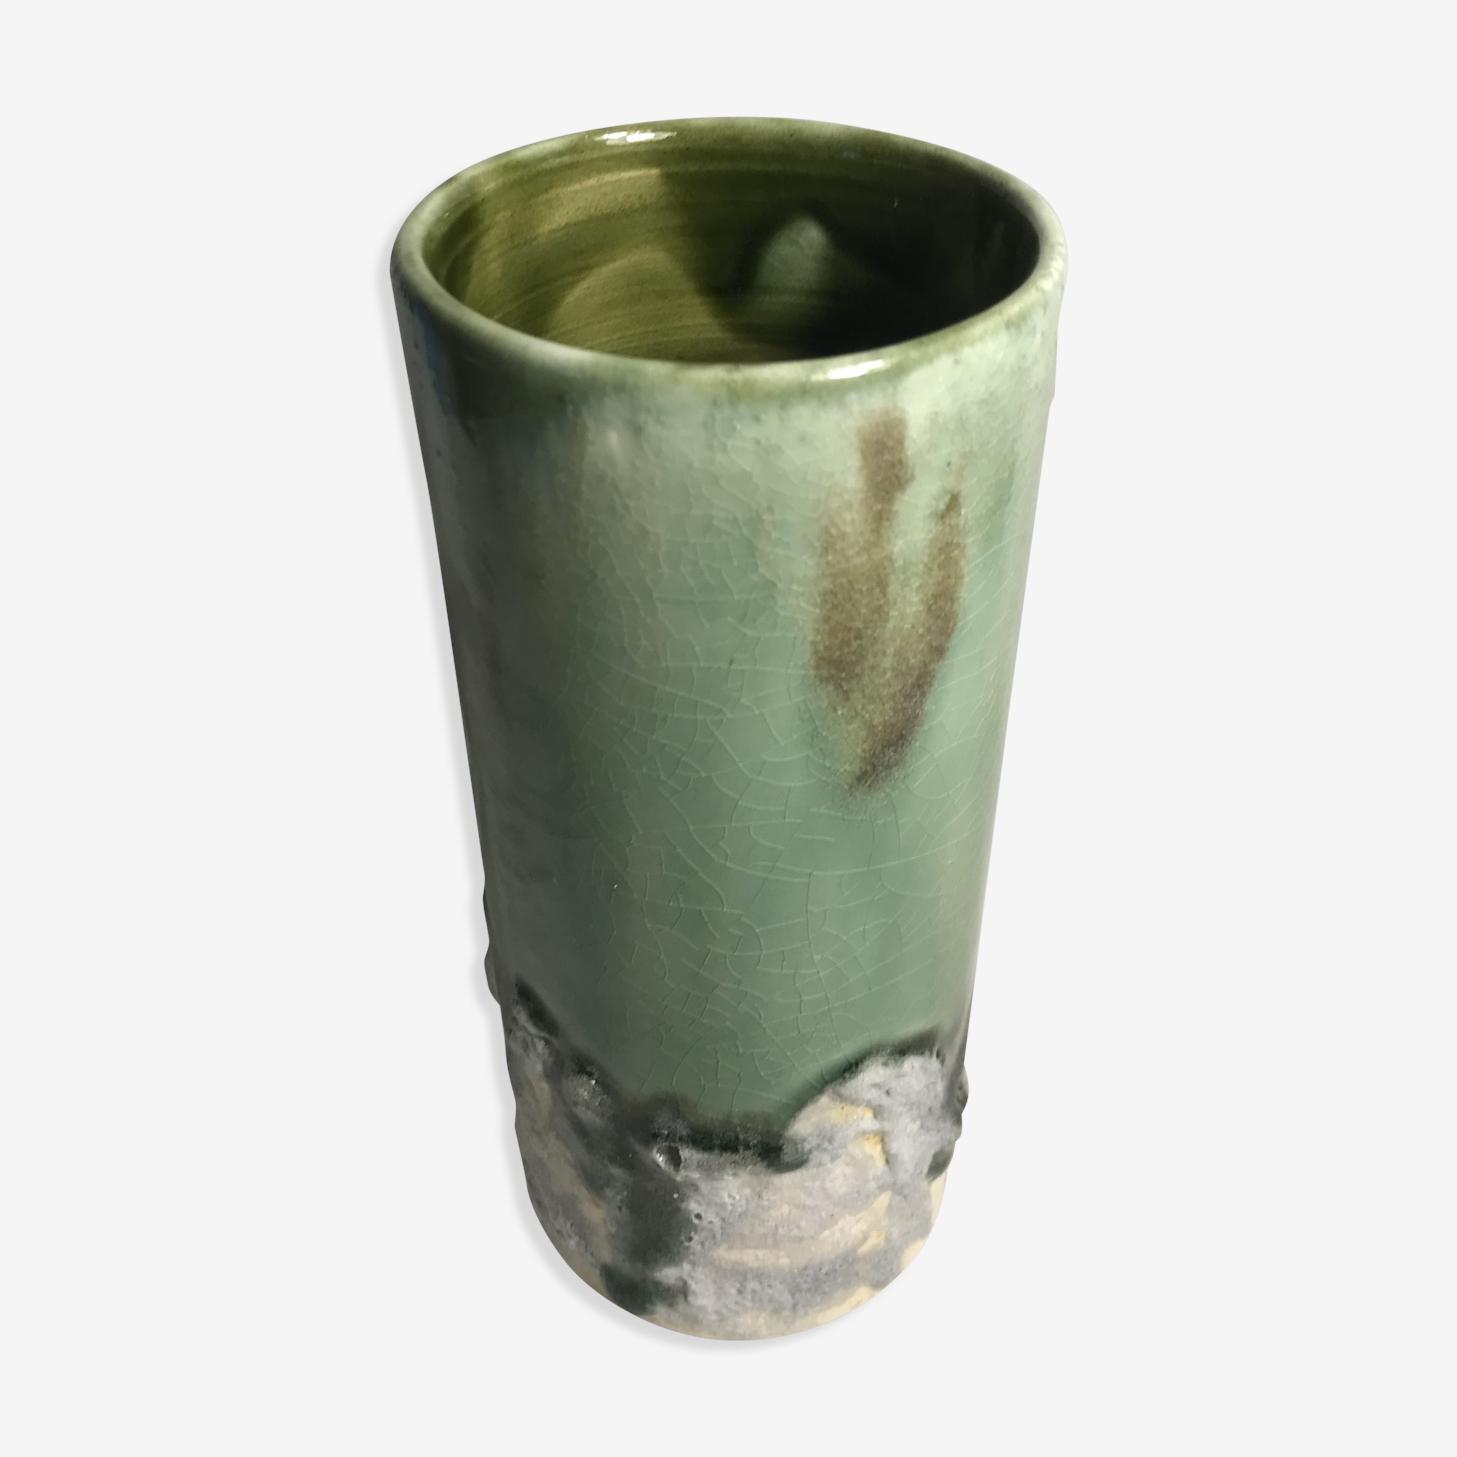 Vase rouleau ancien céramique émaillée vert